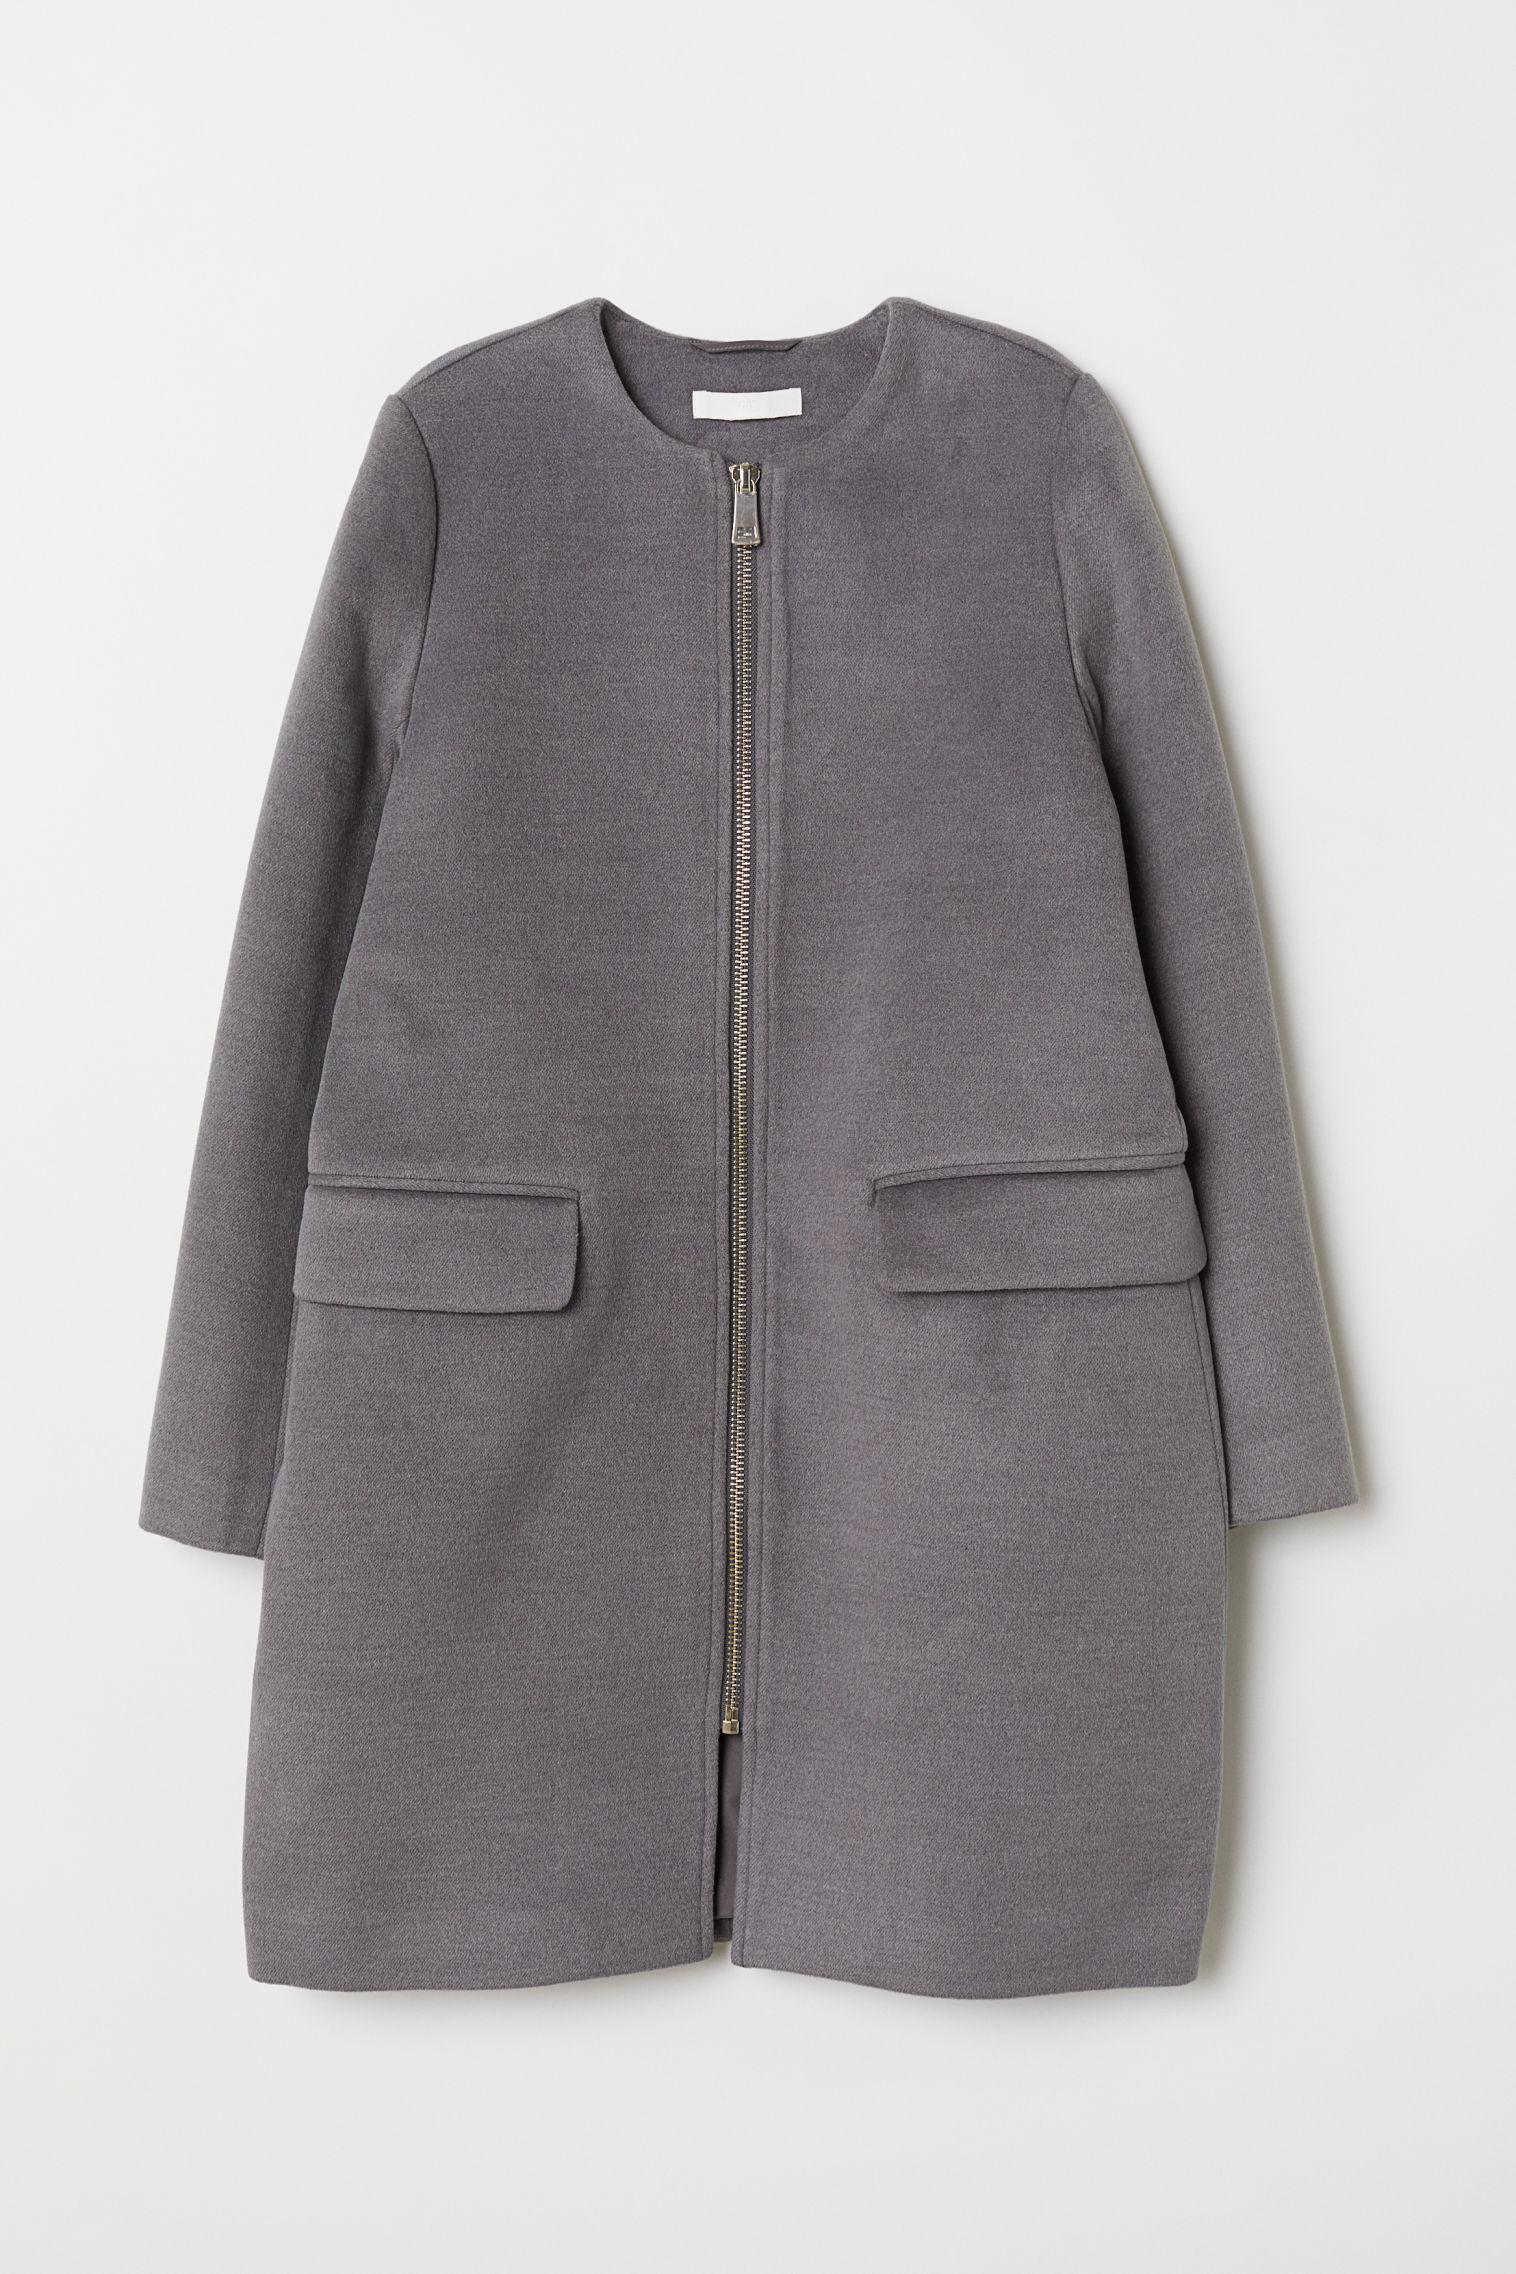 plus de photos 3d662 b864e Manteau court femme de coloris gris